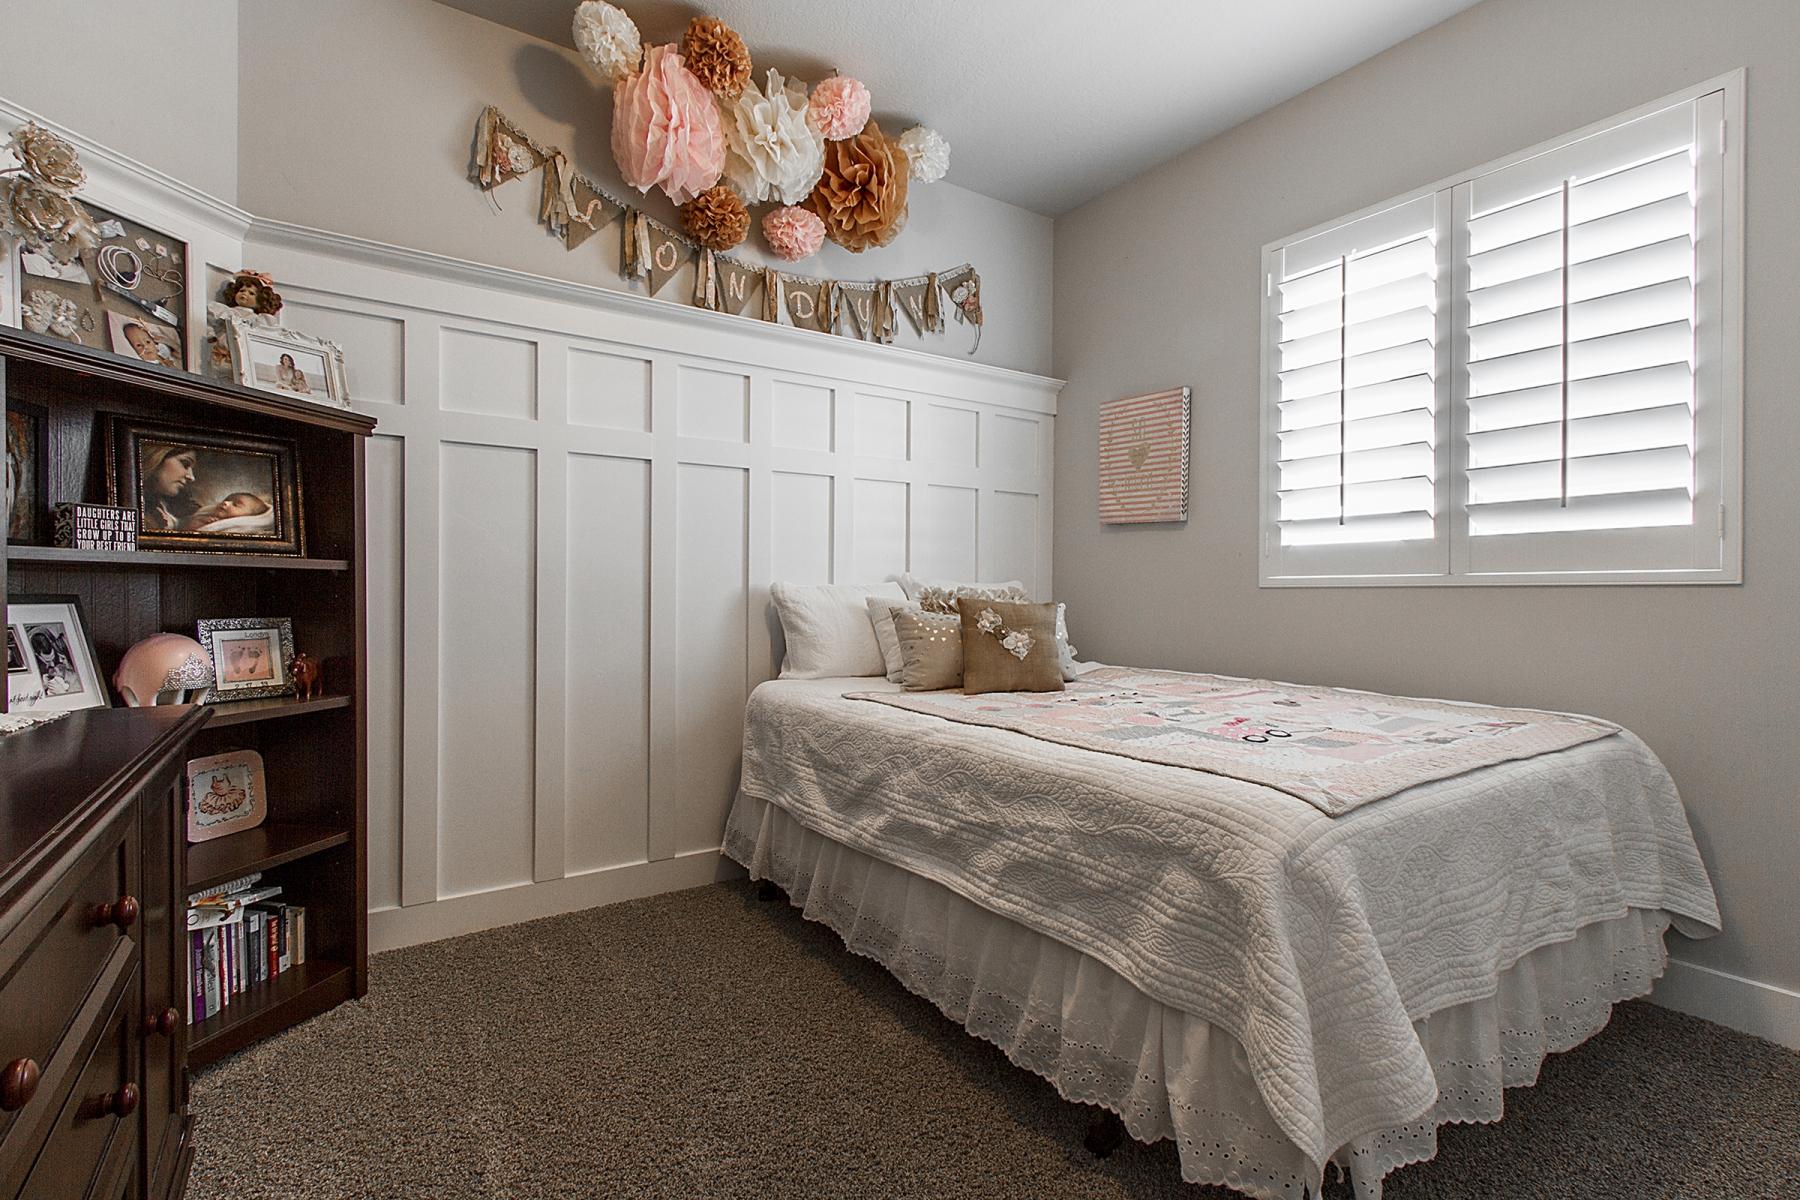 Bedroom-1_1800x1200_2388102